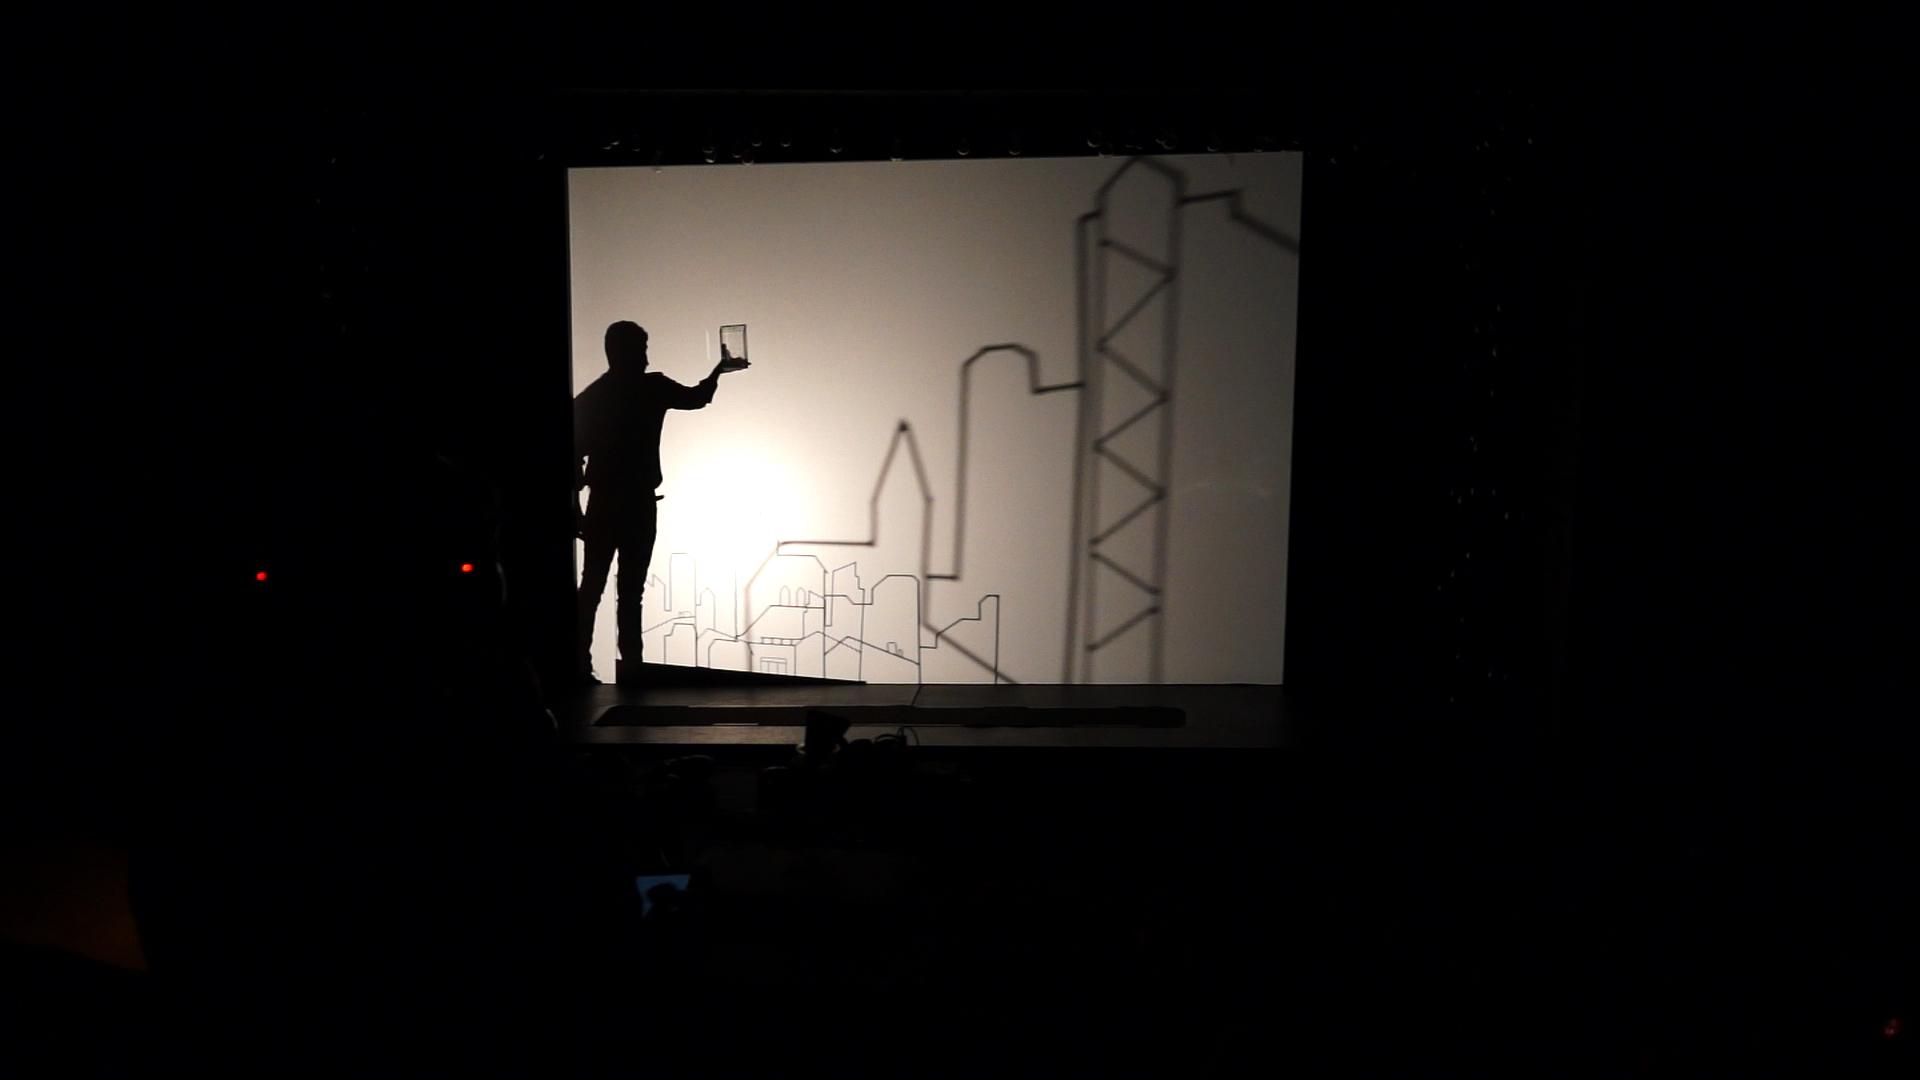 De l'ombre à la lumière Johanny Bert 9 - Blandine Armand - Documentaires